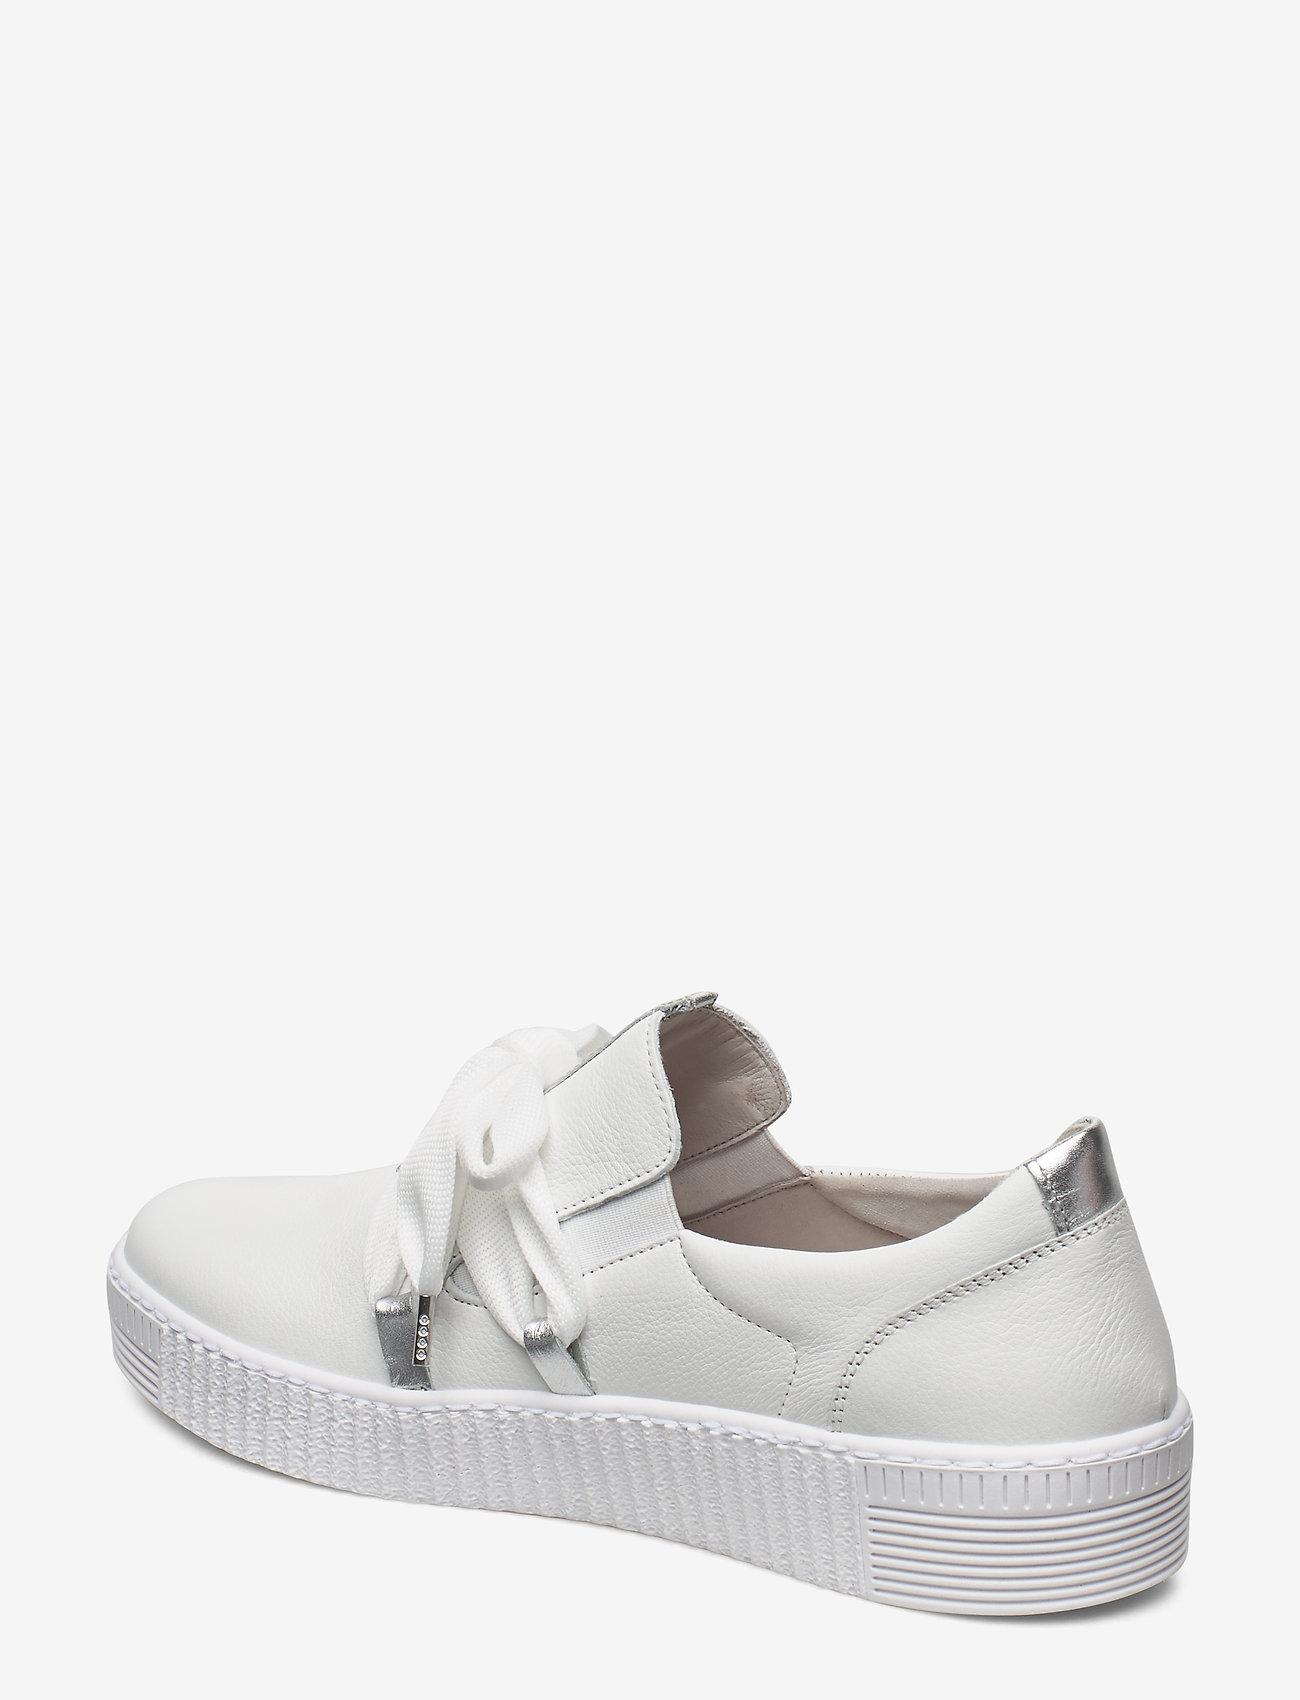 Sneaker (White) (49.98 €) - Gabor 2FRWN